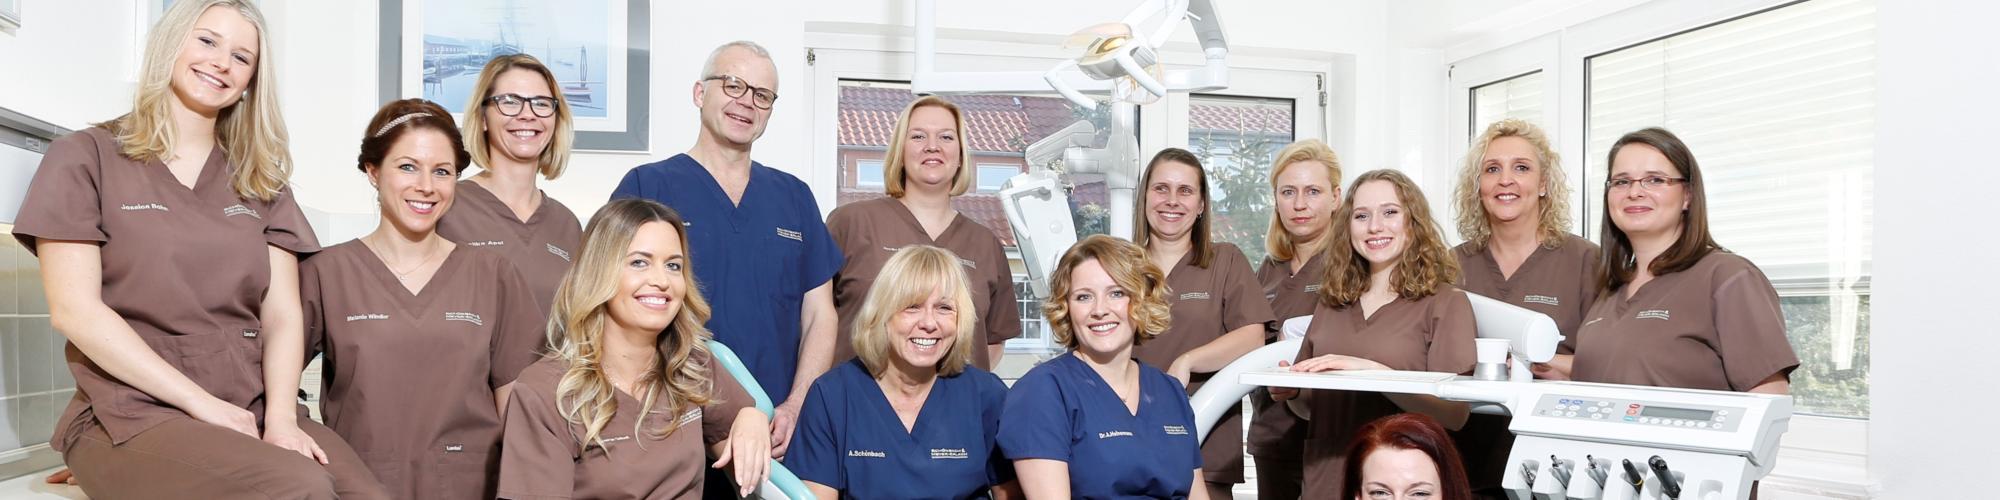 Schönbach & Meyer-Erlach GbR Zahnmedizin und Oralchirurgie